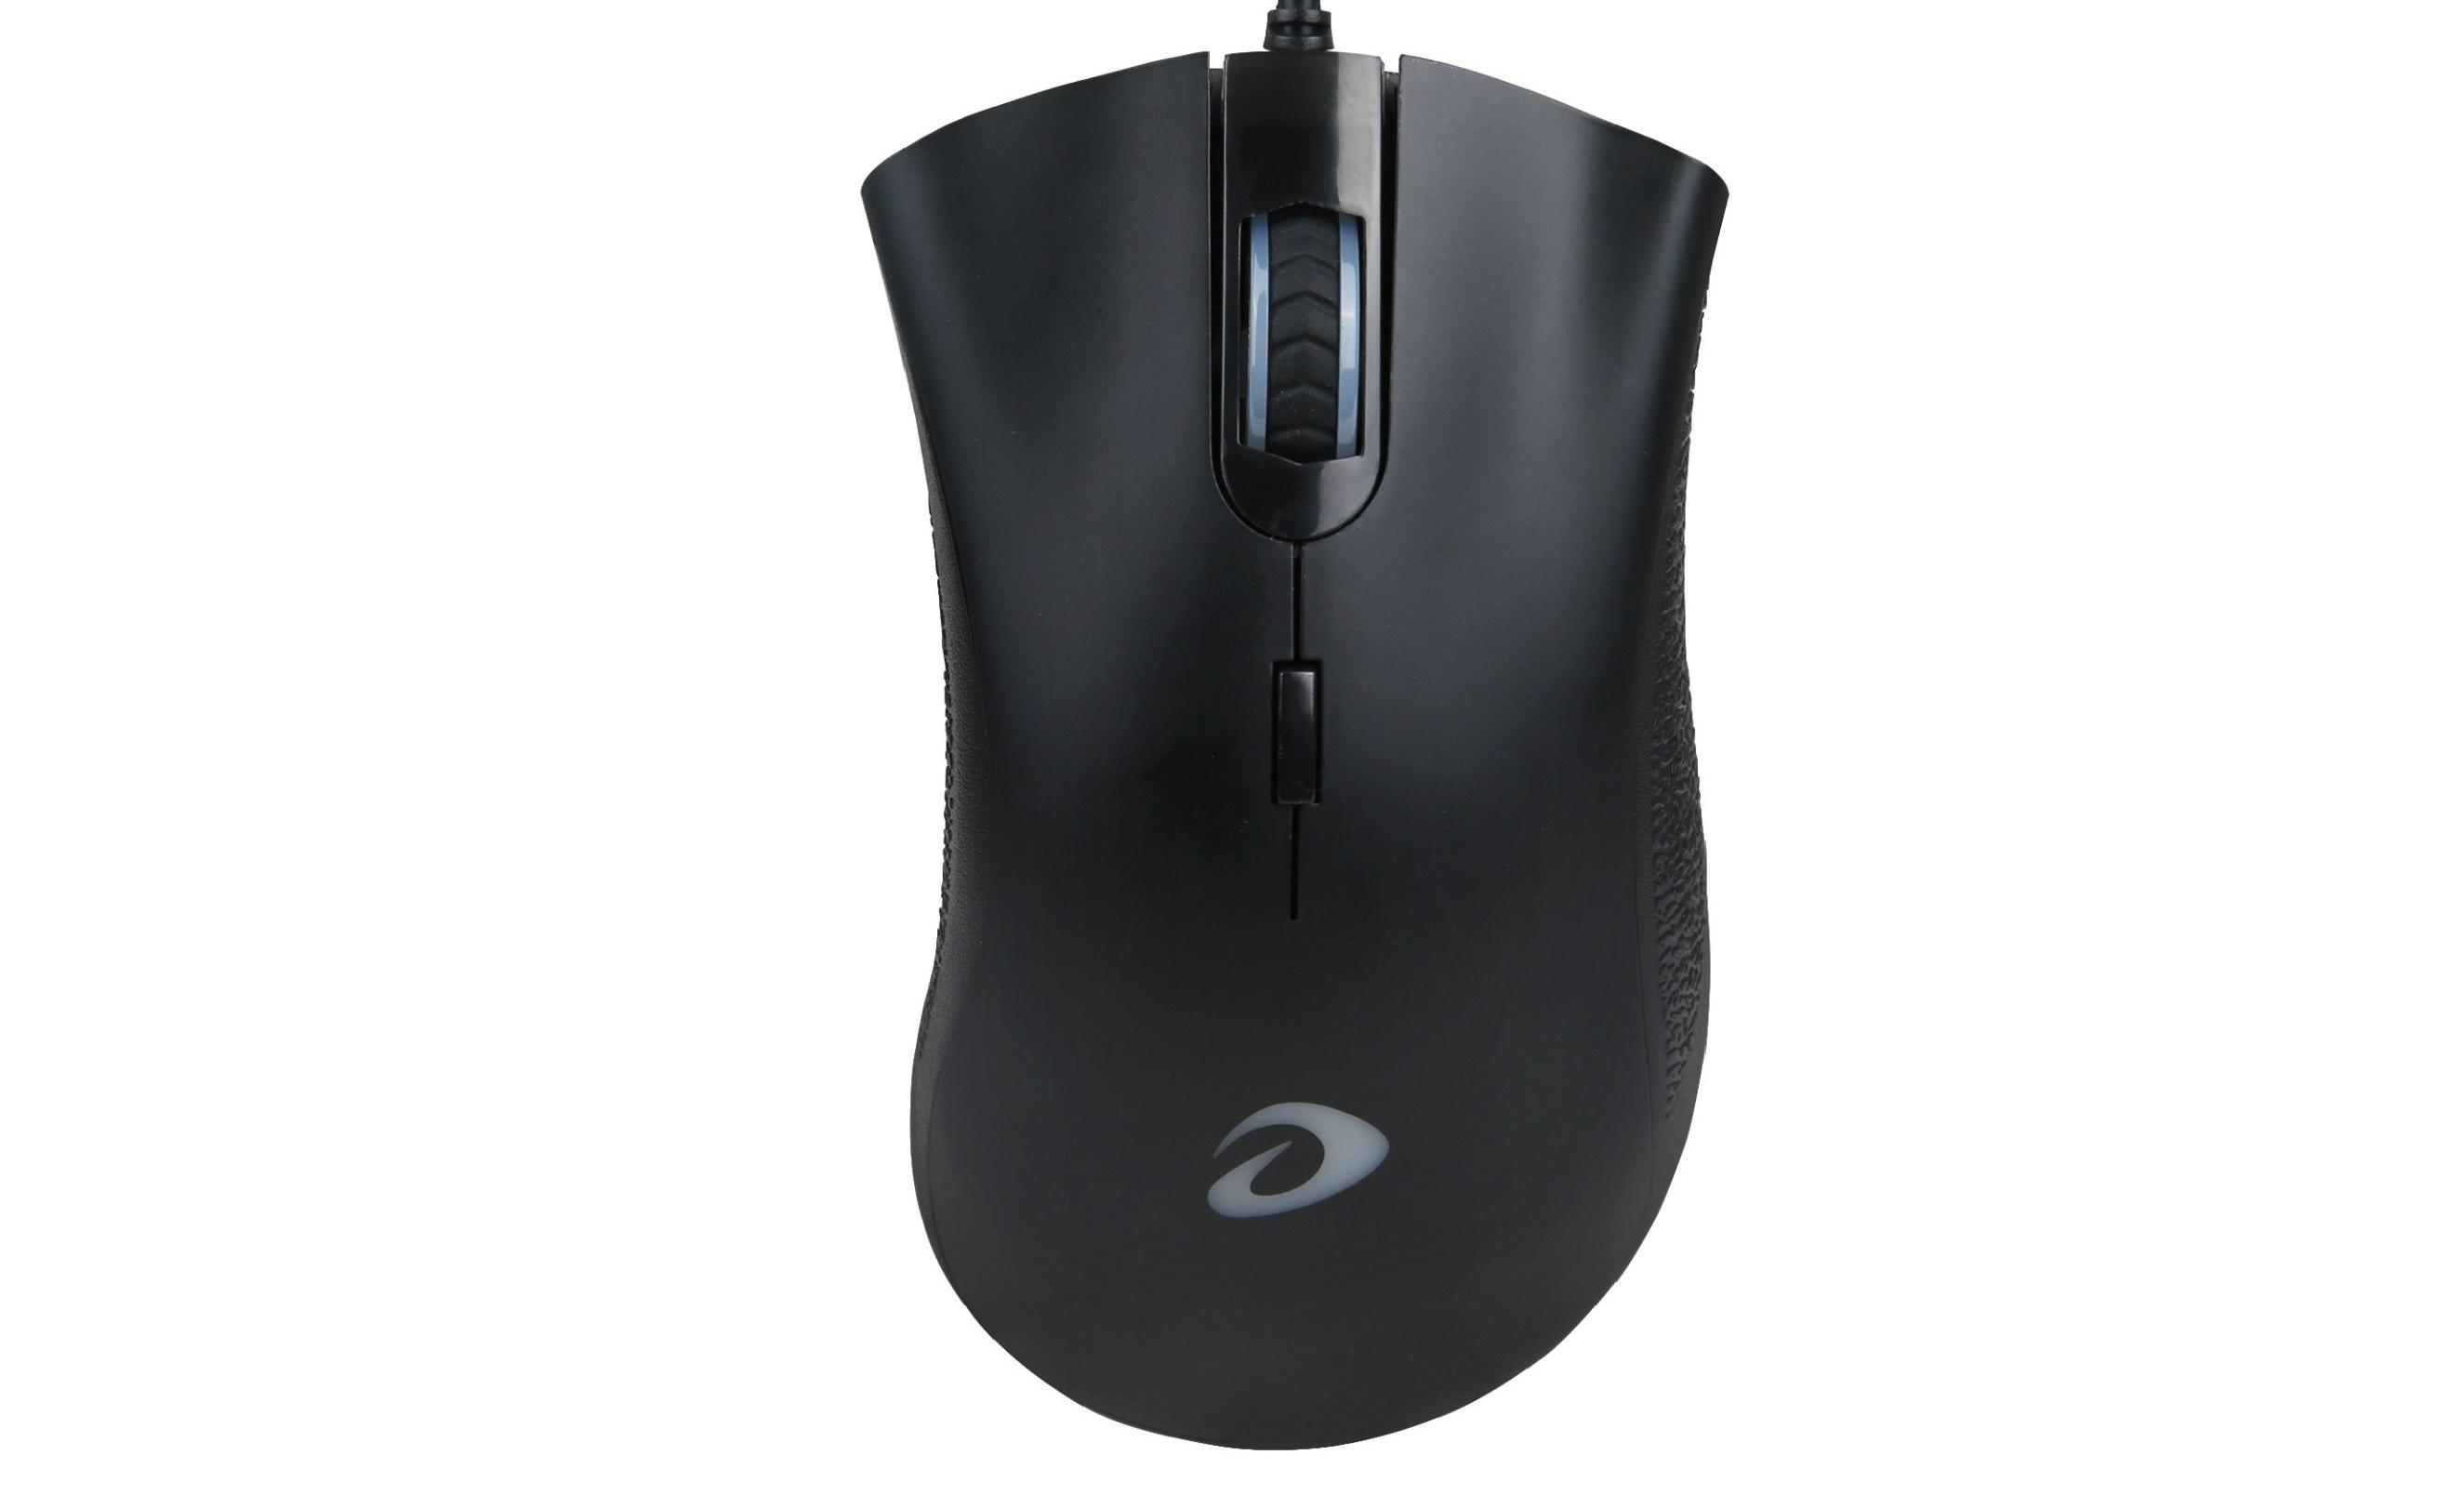 Chuột chơi game Dareu VX6 USB Black trang bị led ở logo đẹp mắt